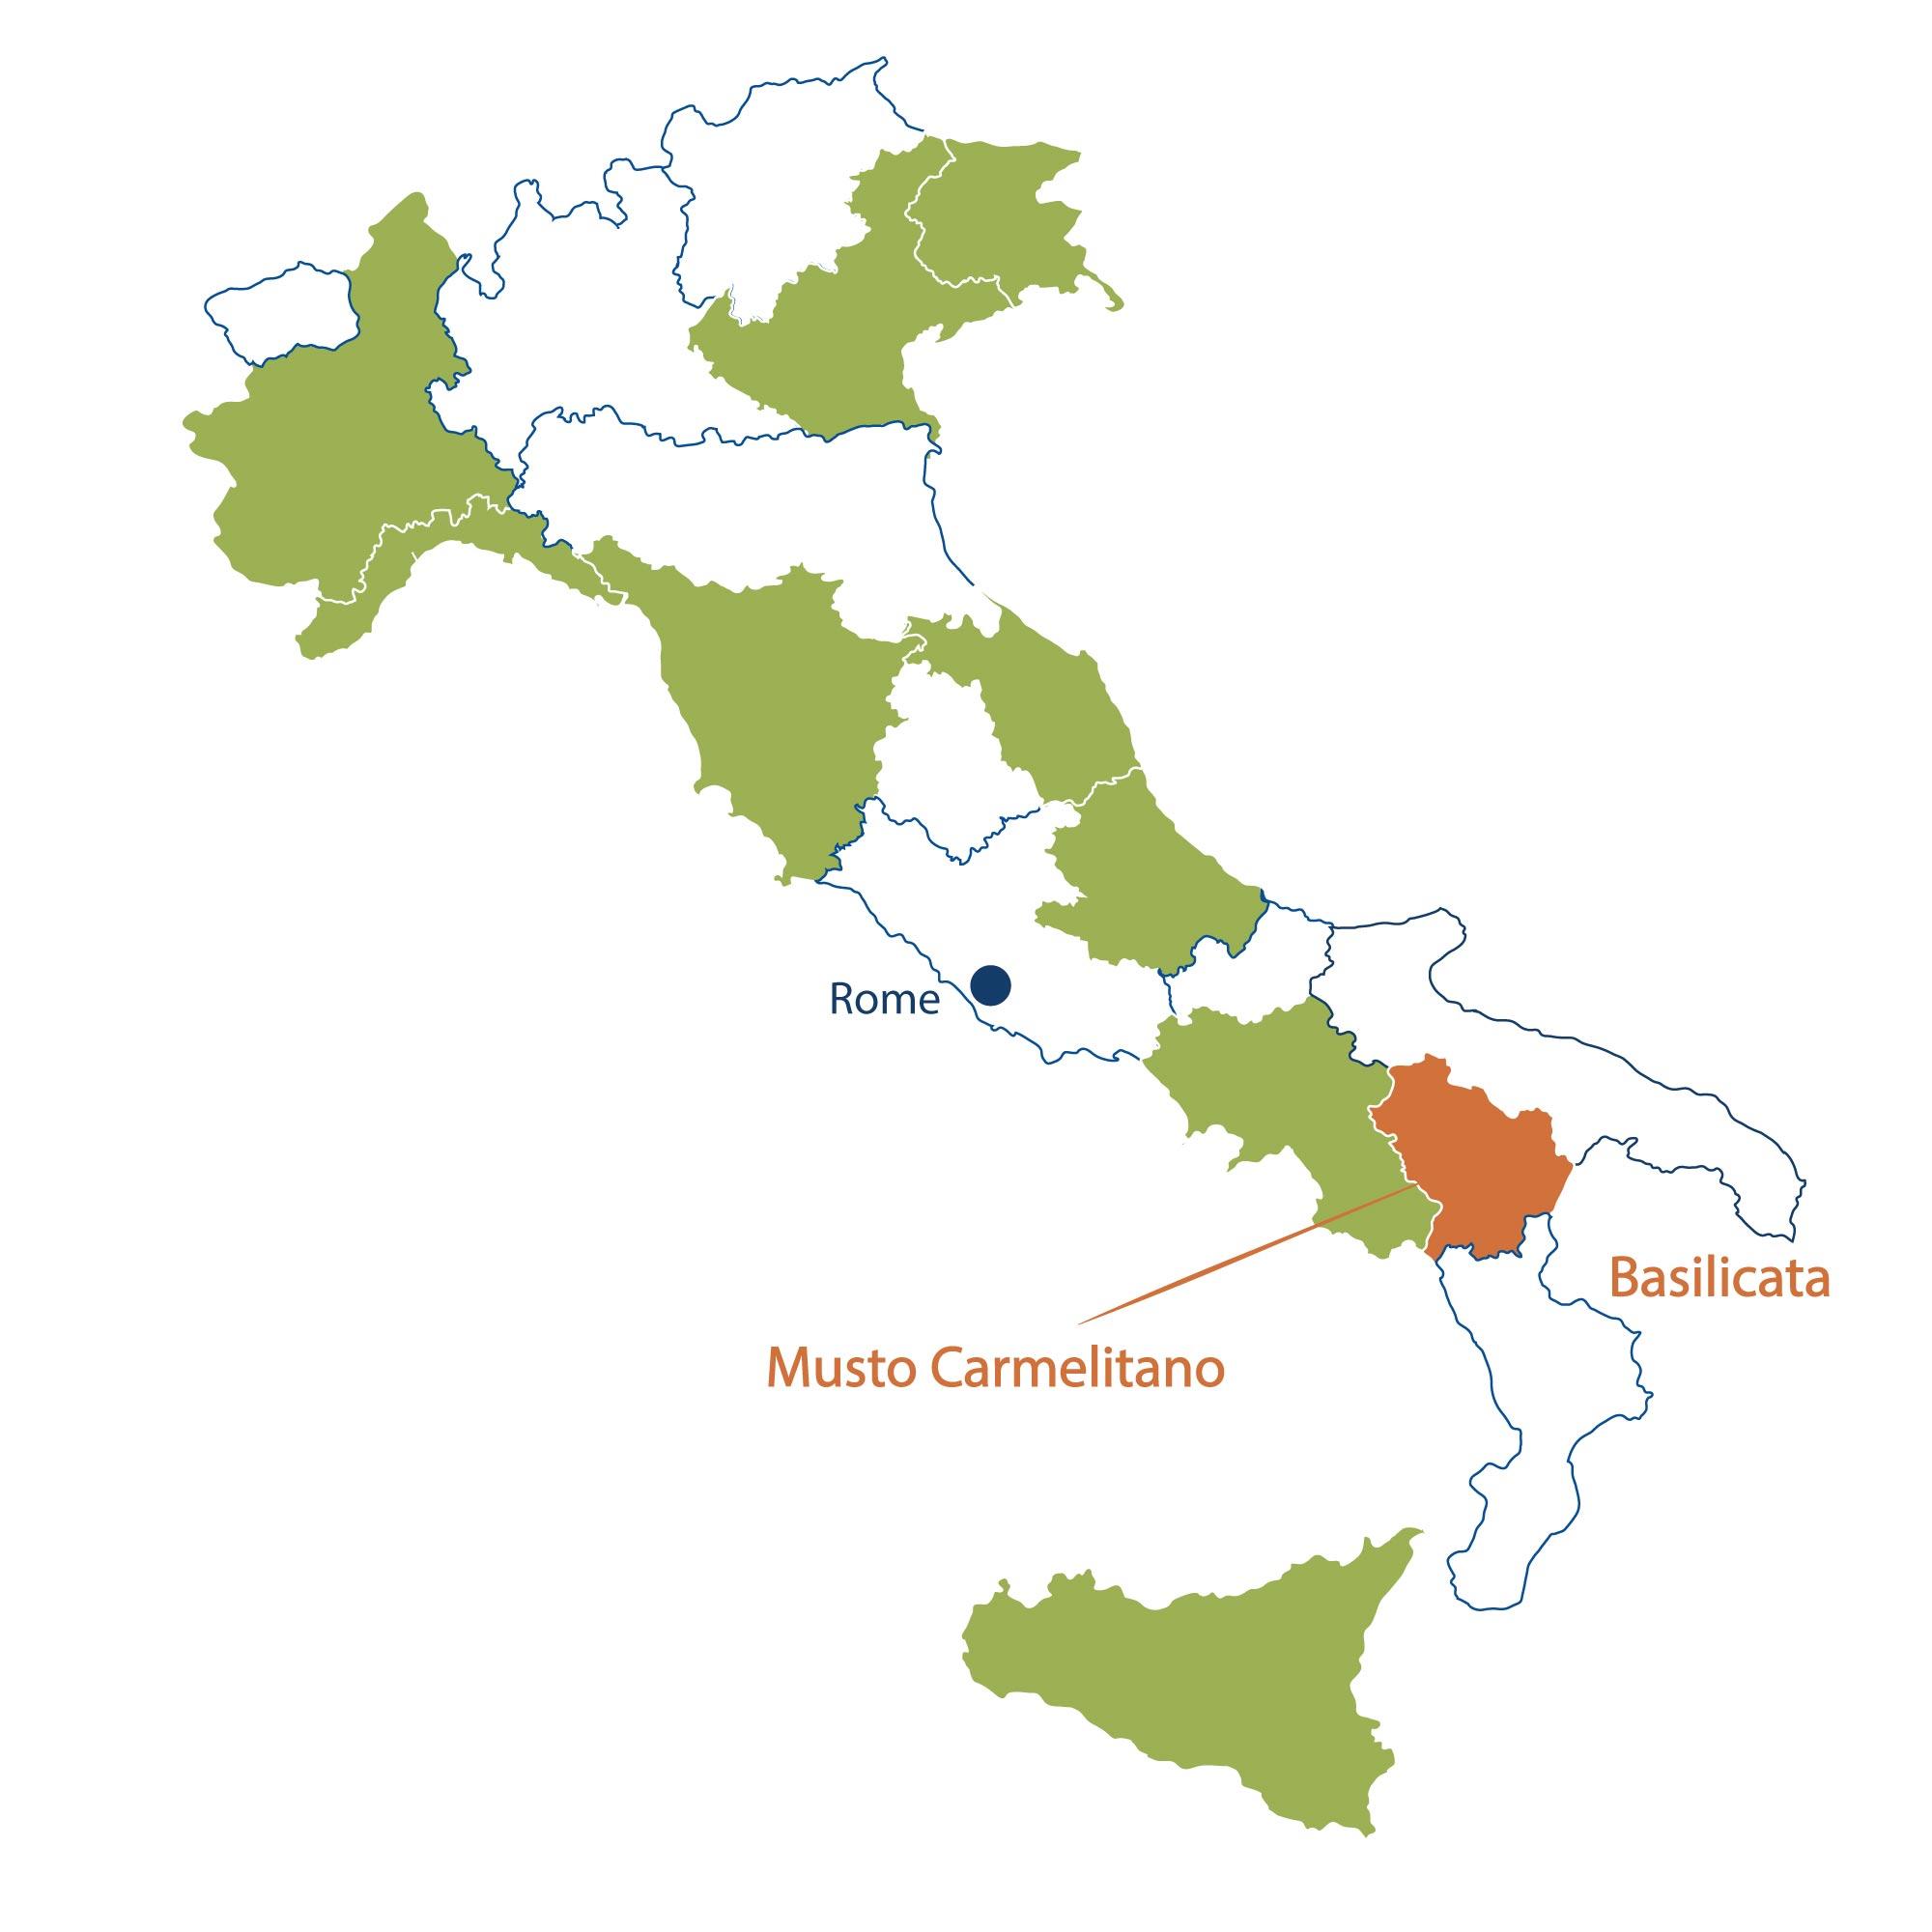 Azienda Agricola Musto Carmelitano Basilicata North Berkeley Imports